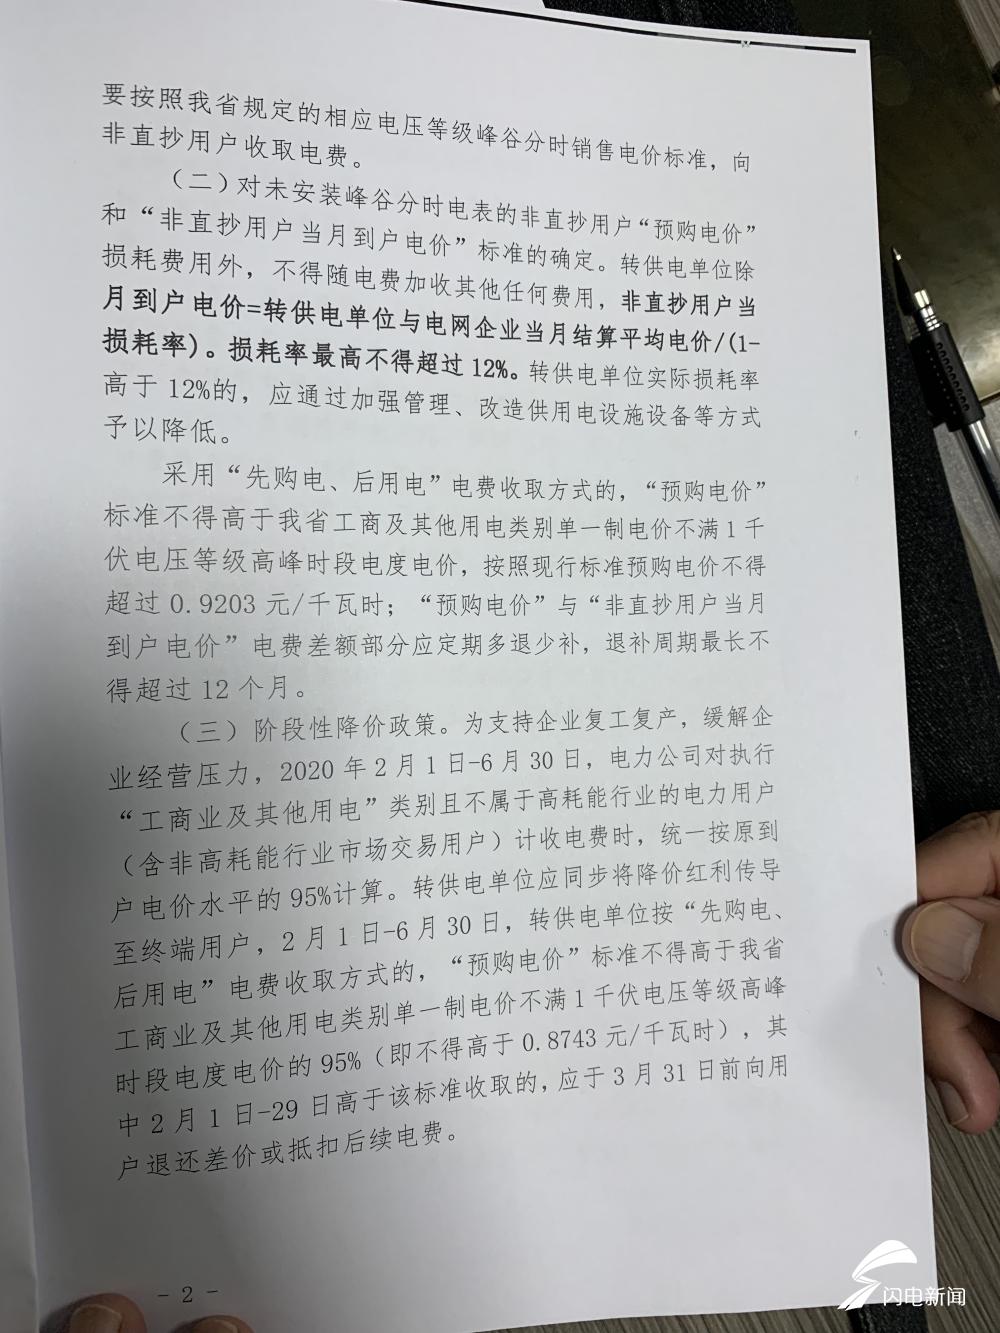 问政追踪丨滨州一企业涉嫌违反价格法 山东省市场监管局:在全省开展转供电价格整治